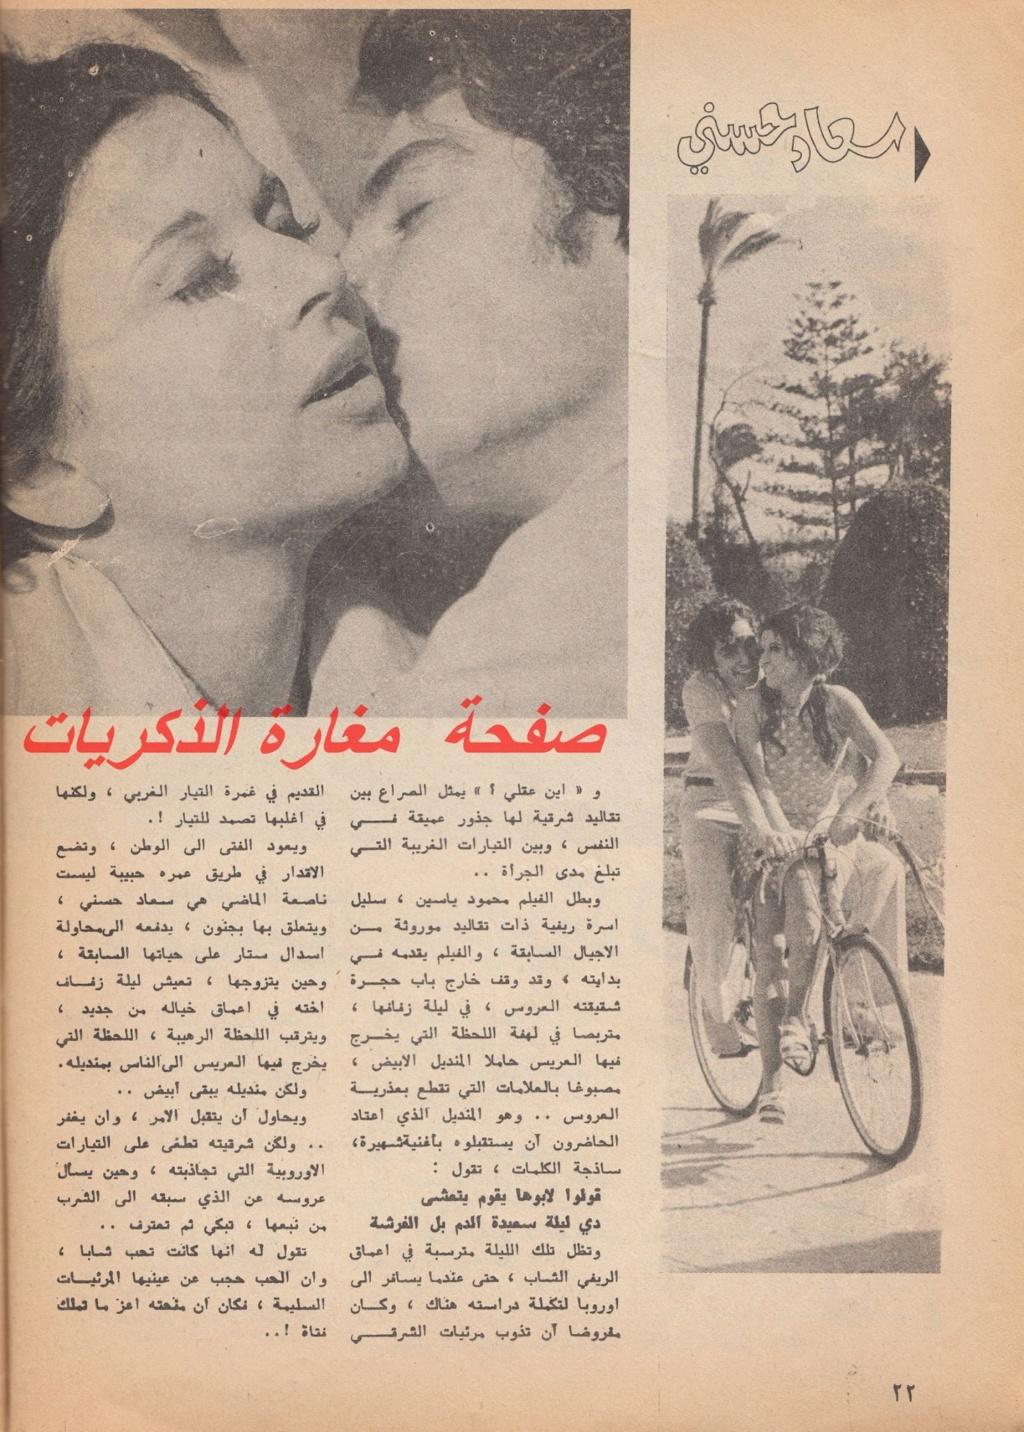 مقال - مقال صحفي : الصدفة ابعدت حسين فهمي عن سعاد حسني 1973 م 3108